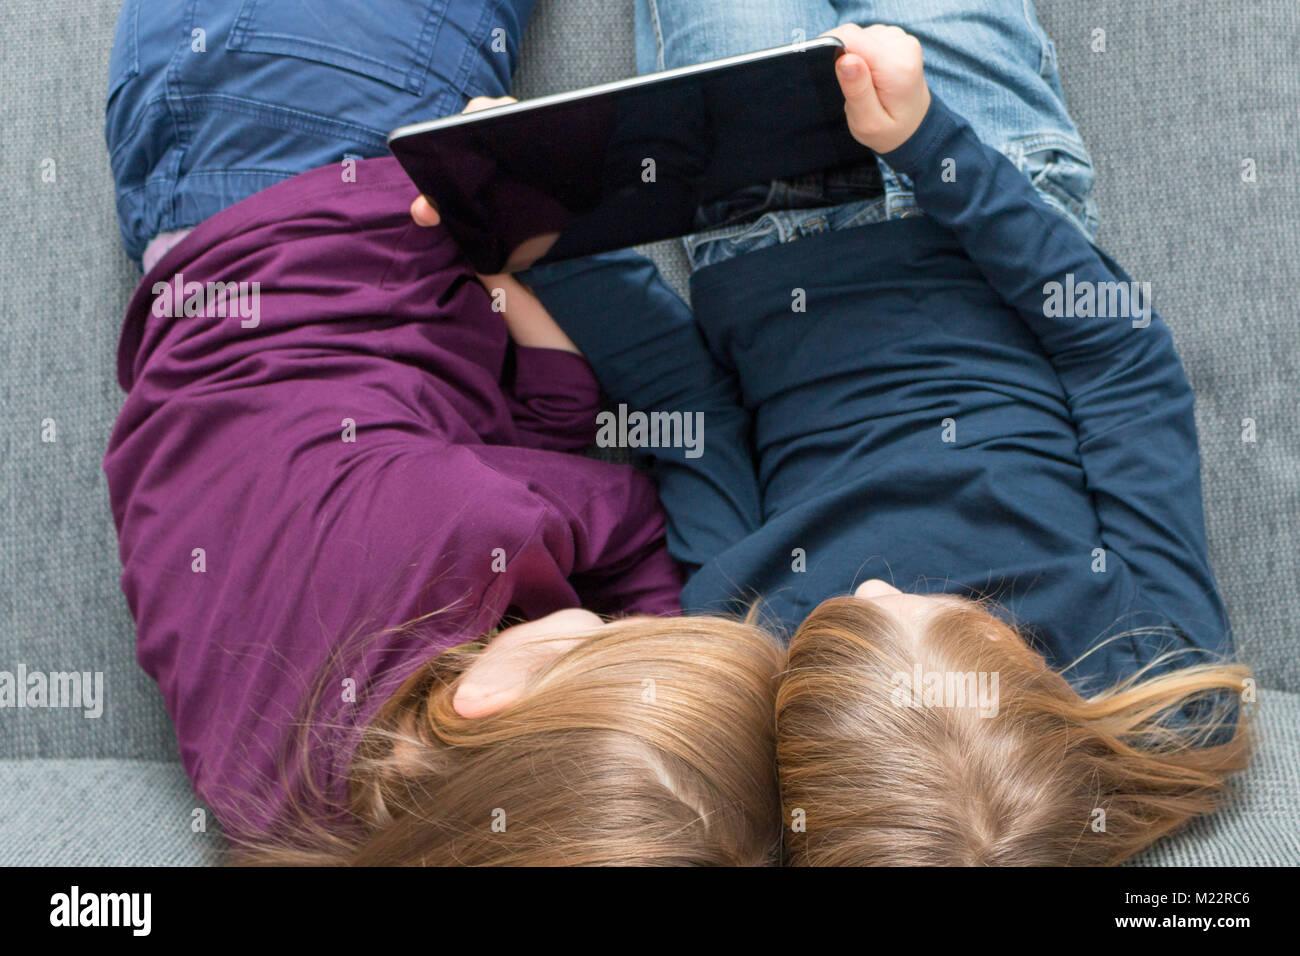 Draufsicht auf  2 Mädchen, die unterhaltsamen Inhalt auf einem Tablet genießen - Stock Image